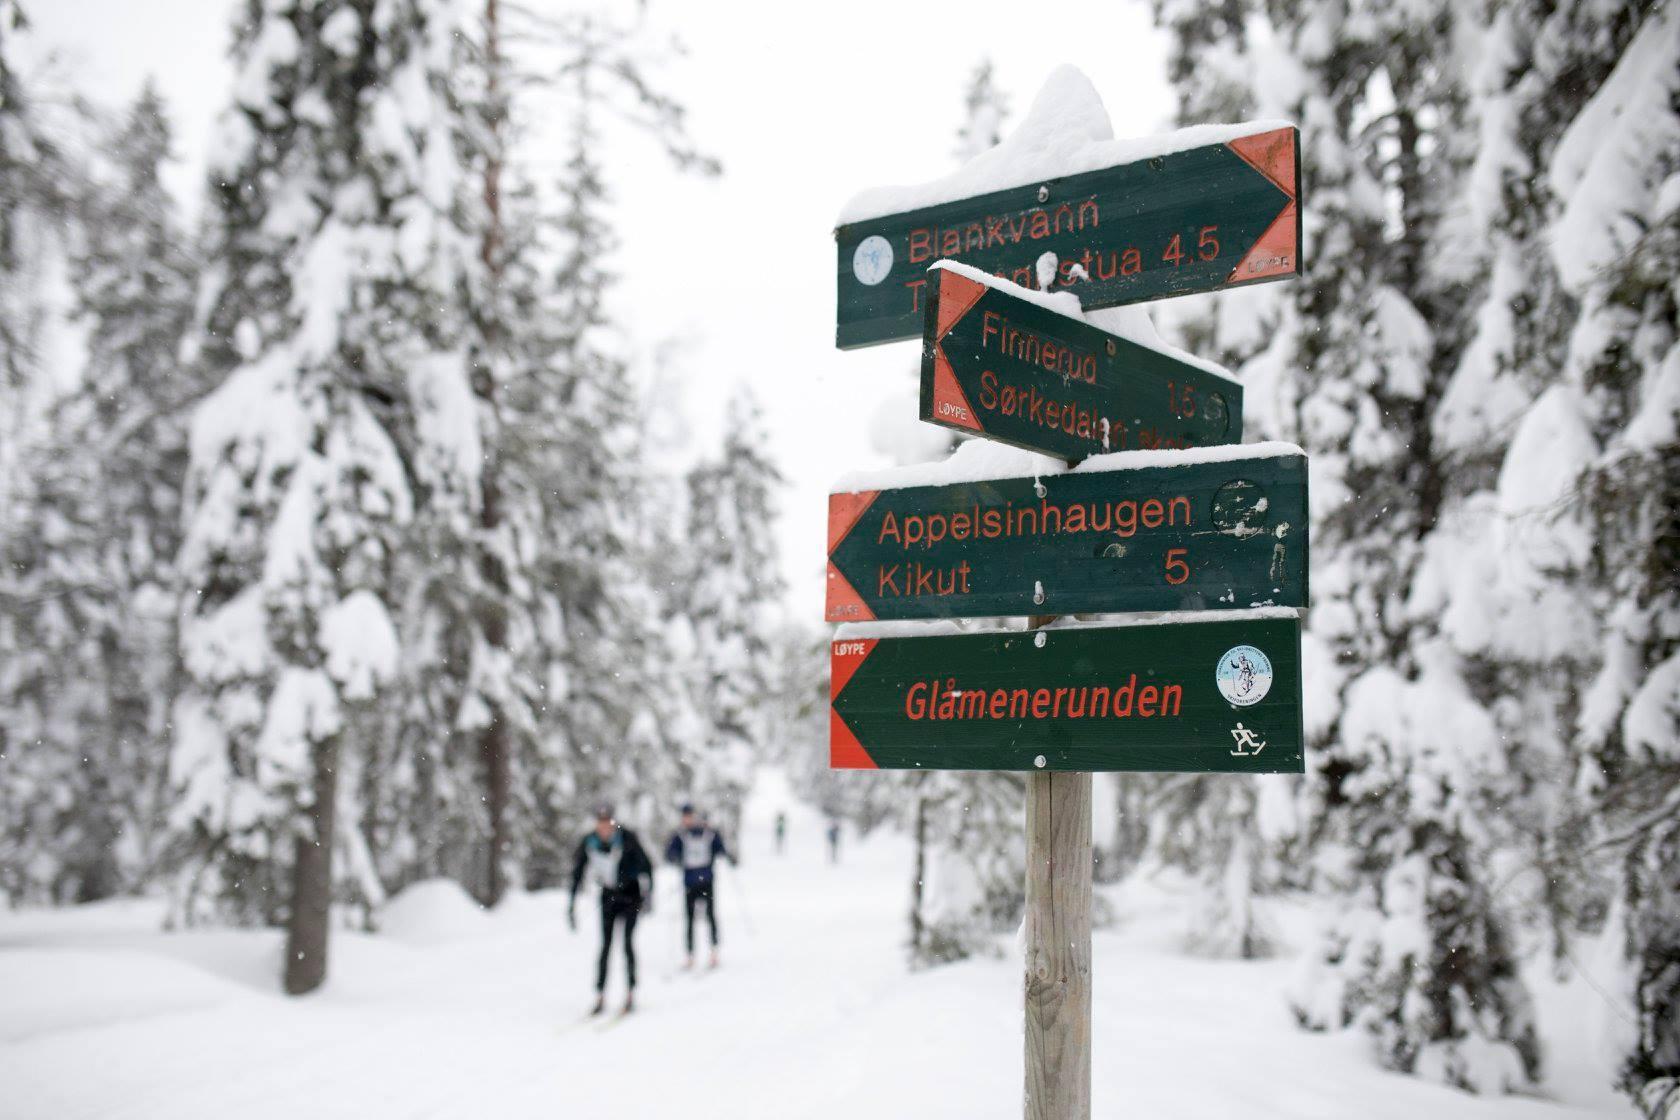 05_skilt_foto_Magnus_Nyløkken:Skiforeningen.jpg